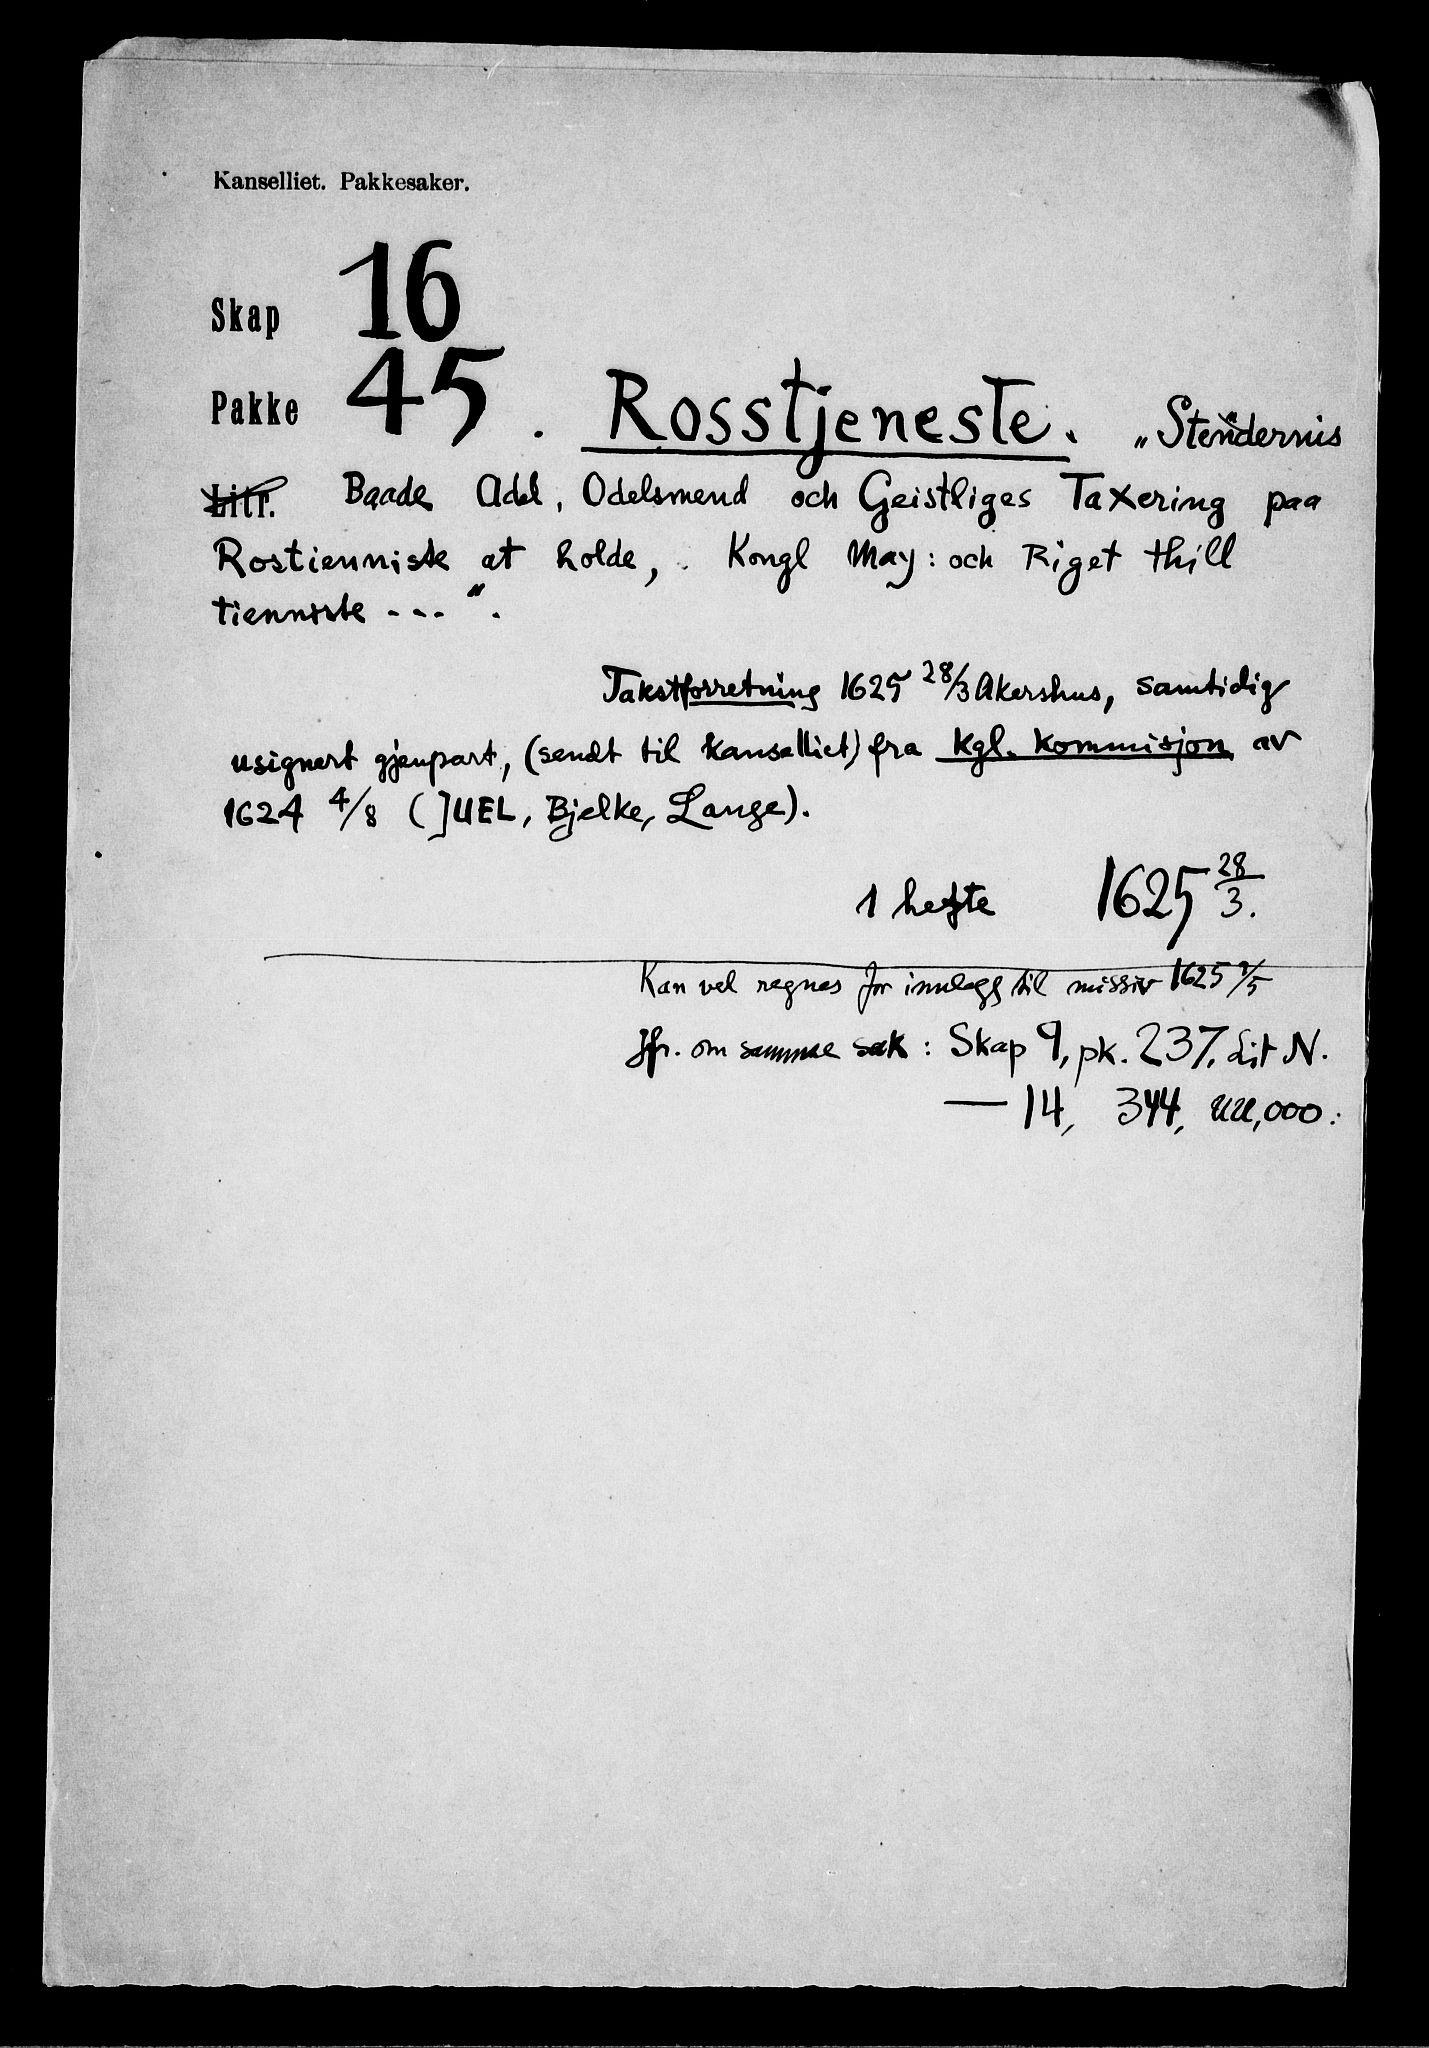 RA, Danske Kanselli, Skapsaker, F/L0116: Skap 16, pakke 42-47, 1625-1717, p. 219